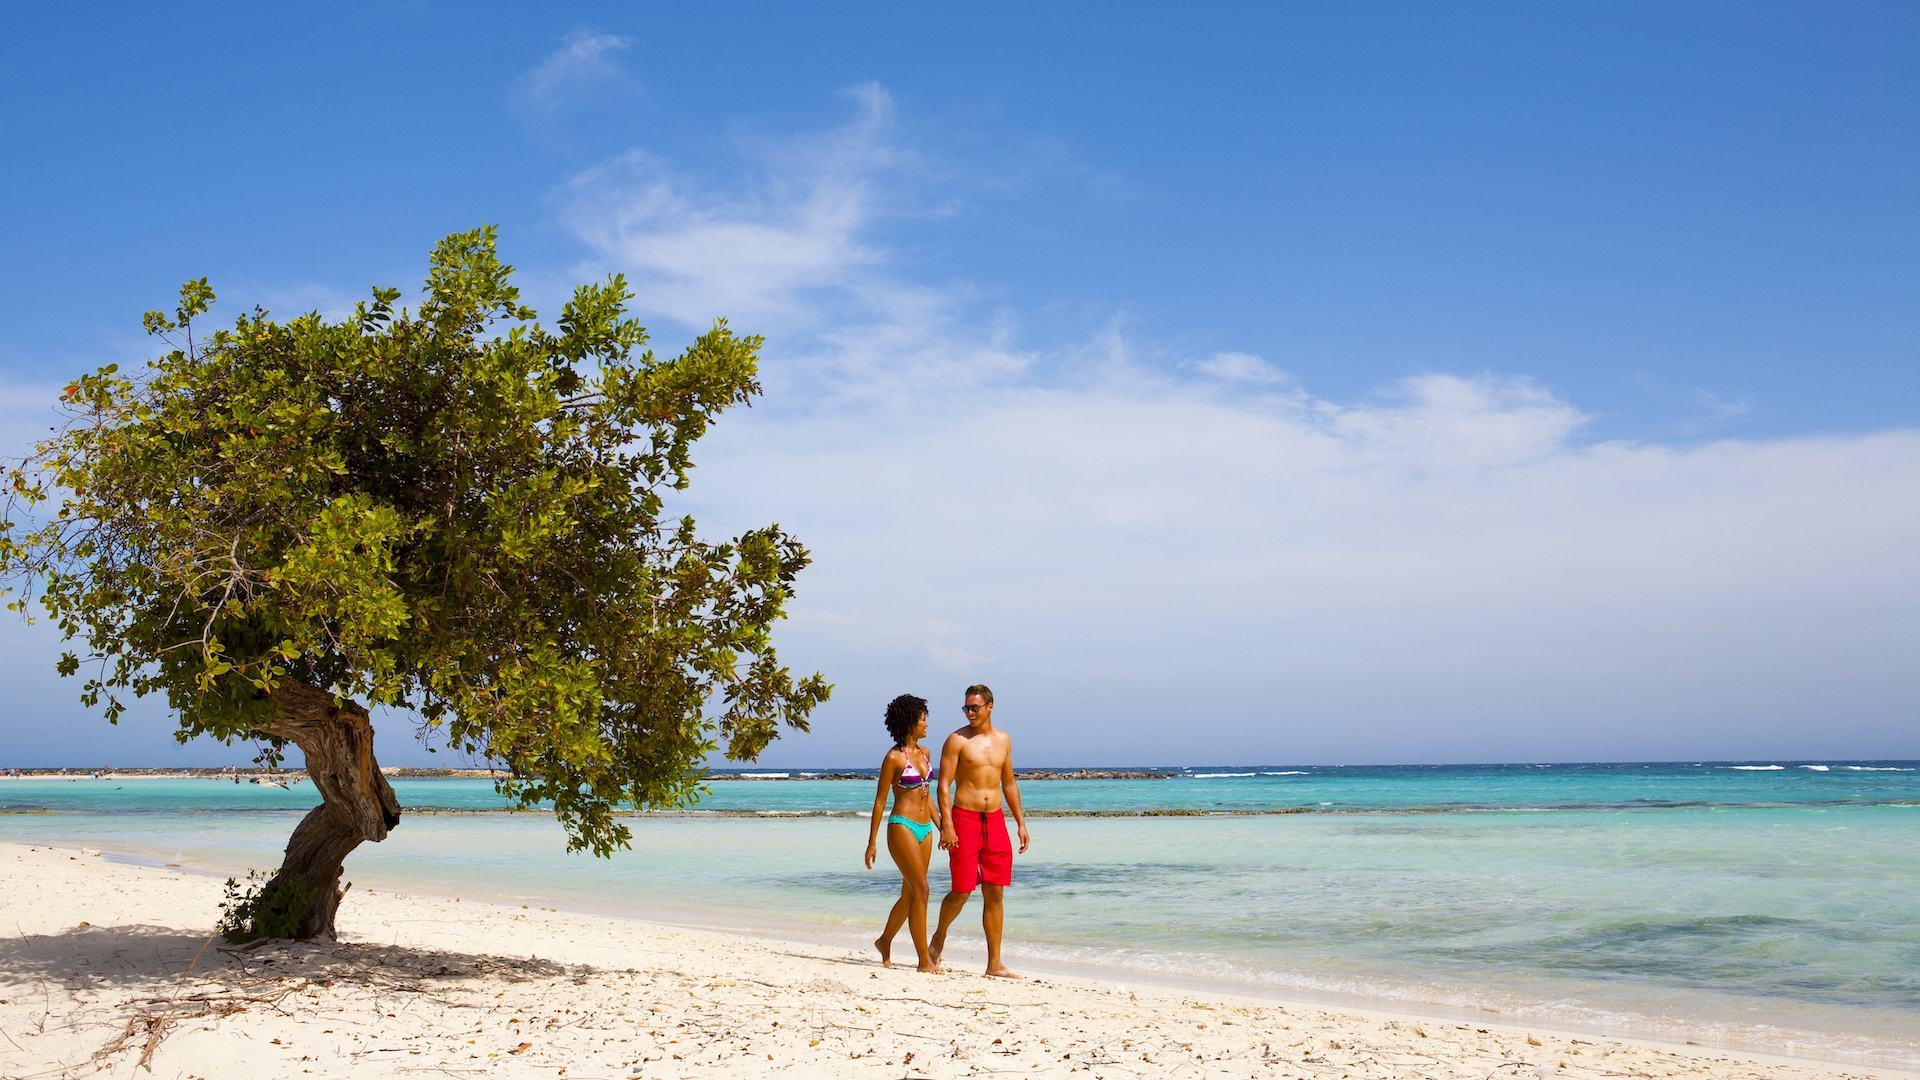 Ya se puede volver a viajar a Aruba: requisitos y países habilitados